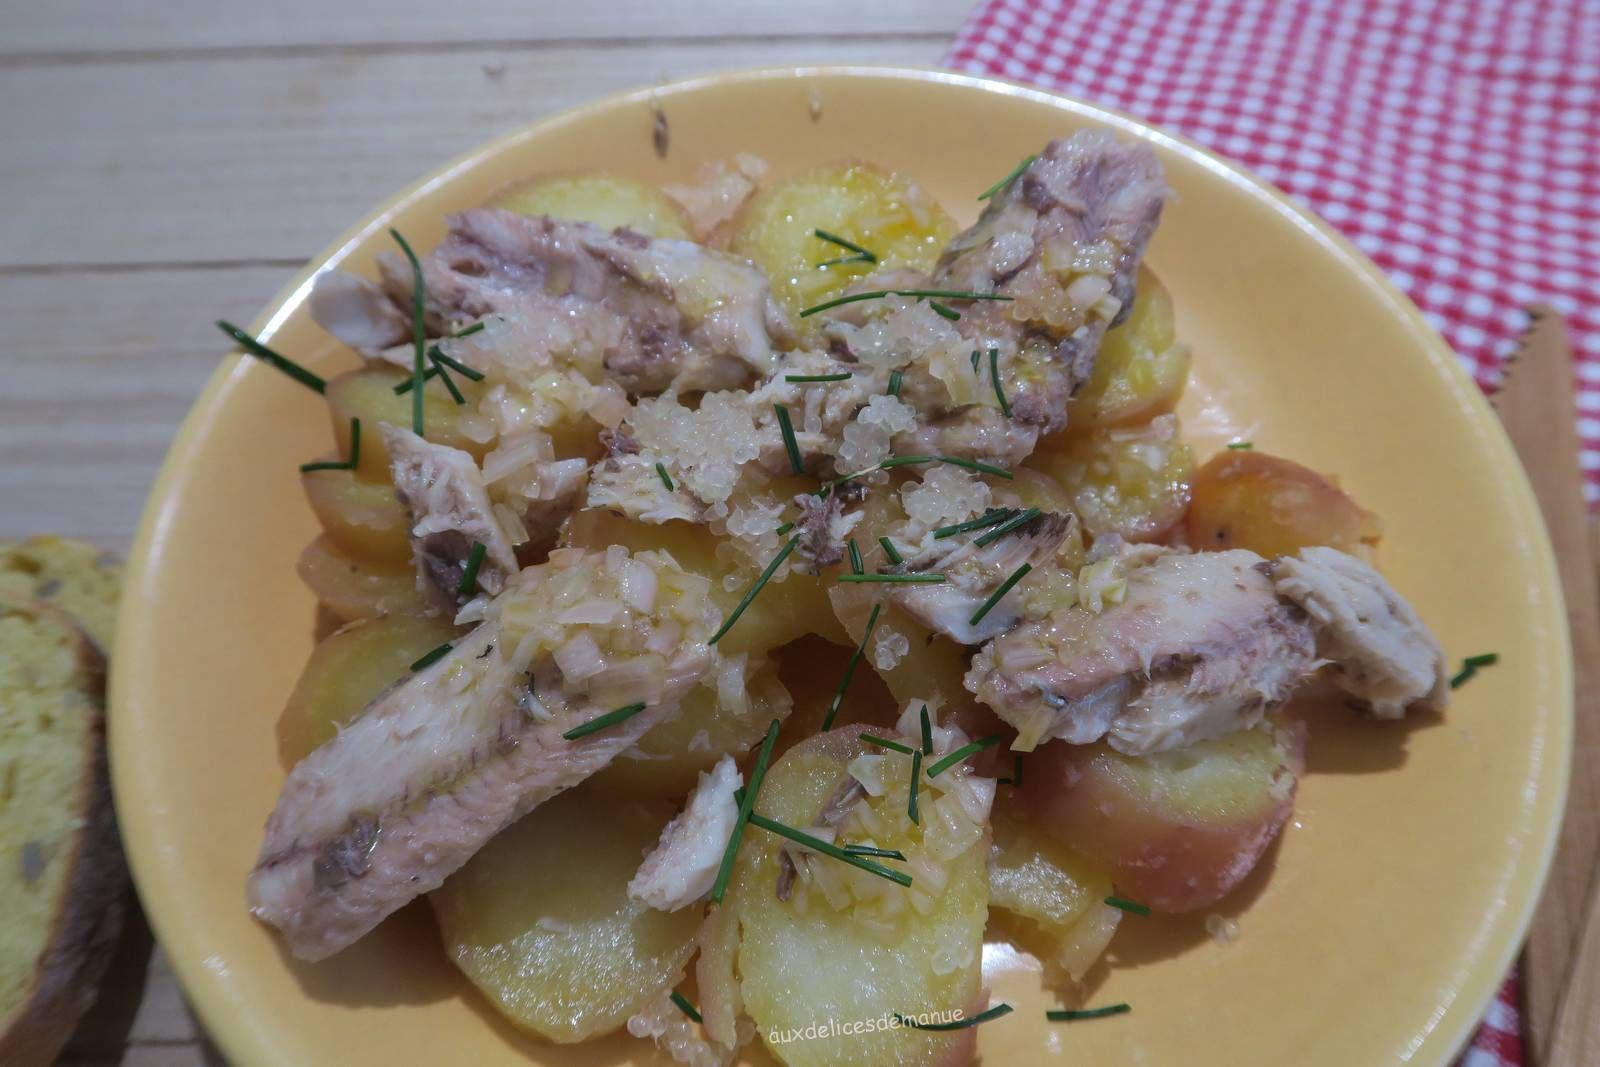 Salade tiède de pommes de terre et sardines au citron caviar